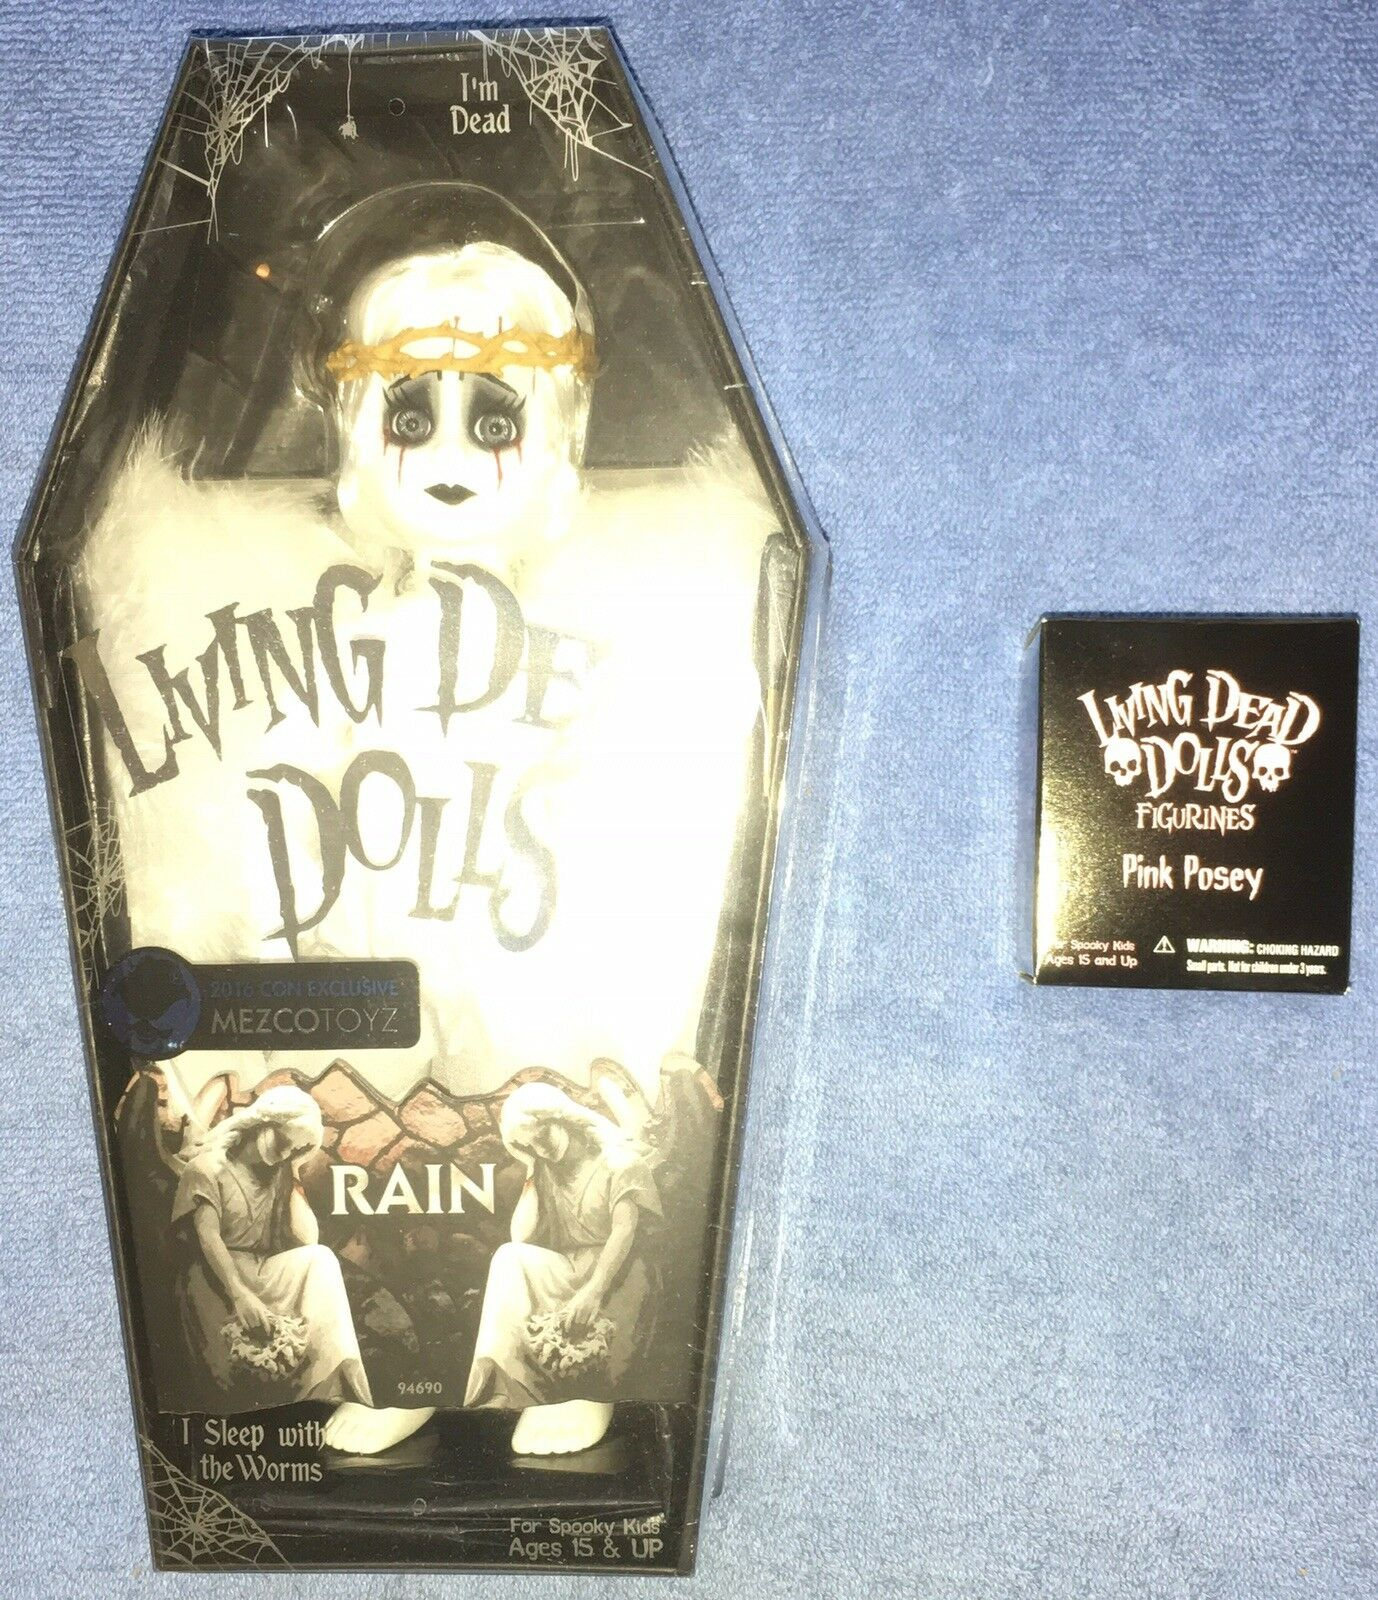 Living Dead Dolls 2016 con Exclusive blanco Rain figura Goth resurrección Mezco